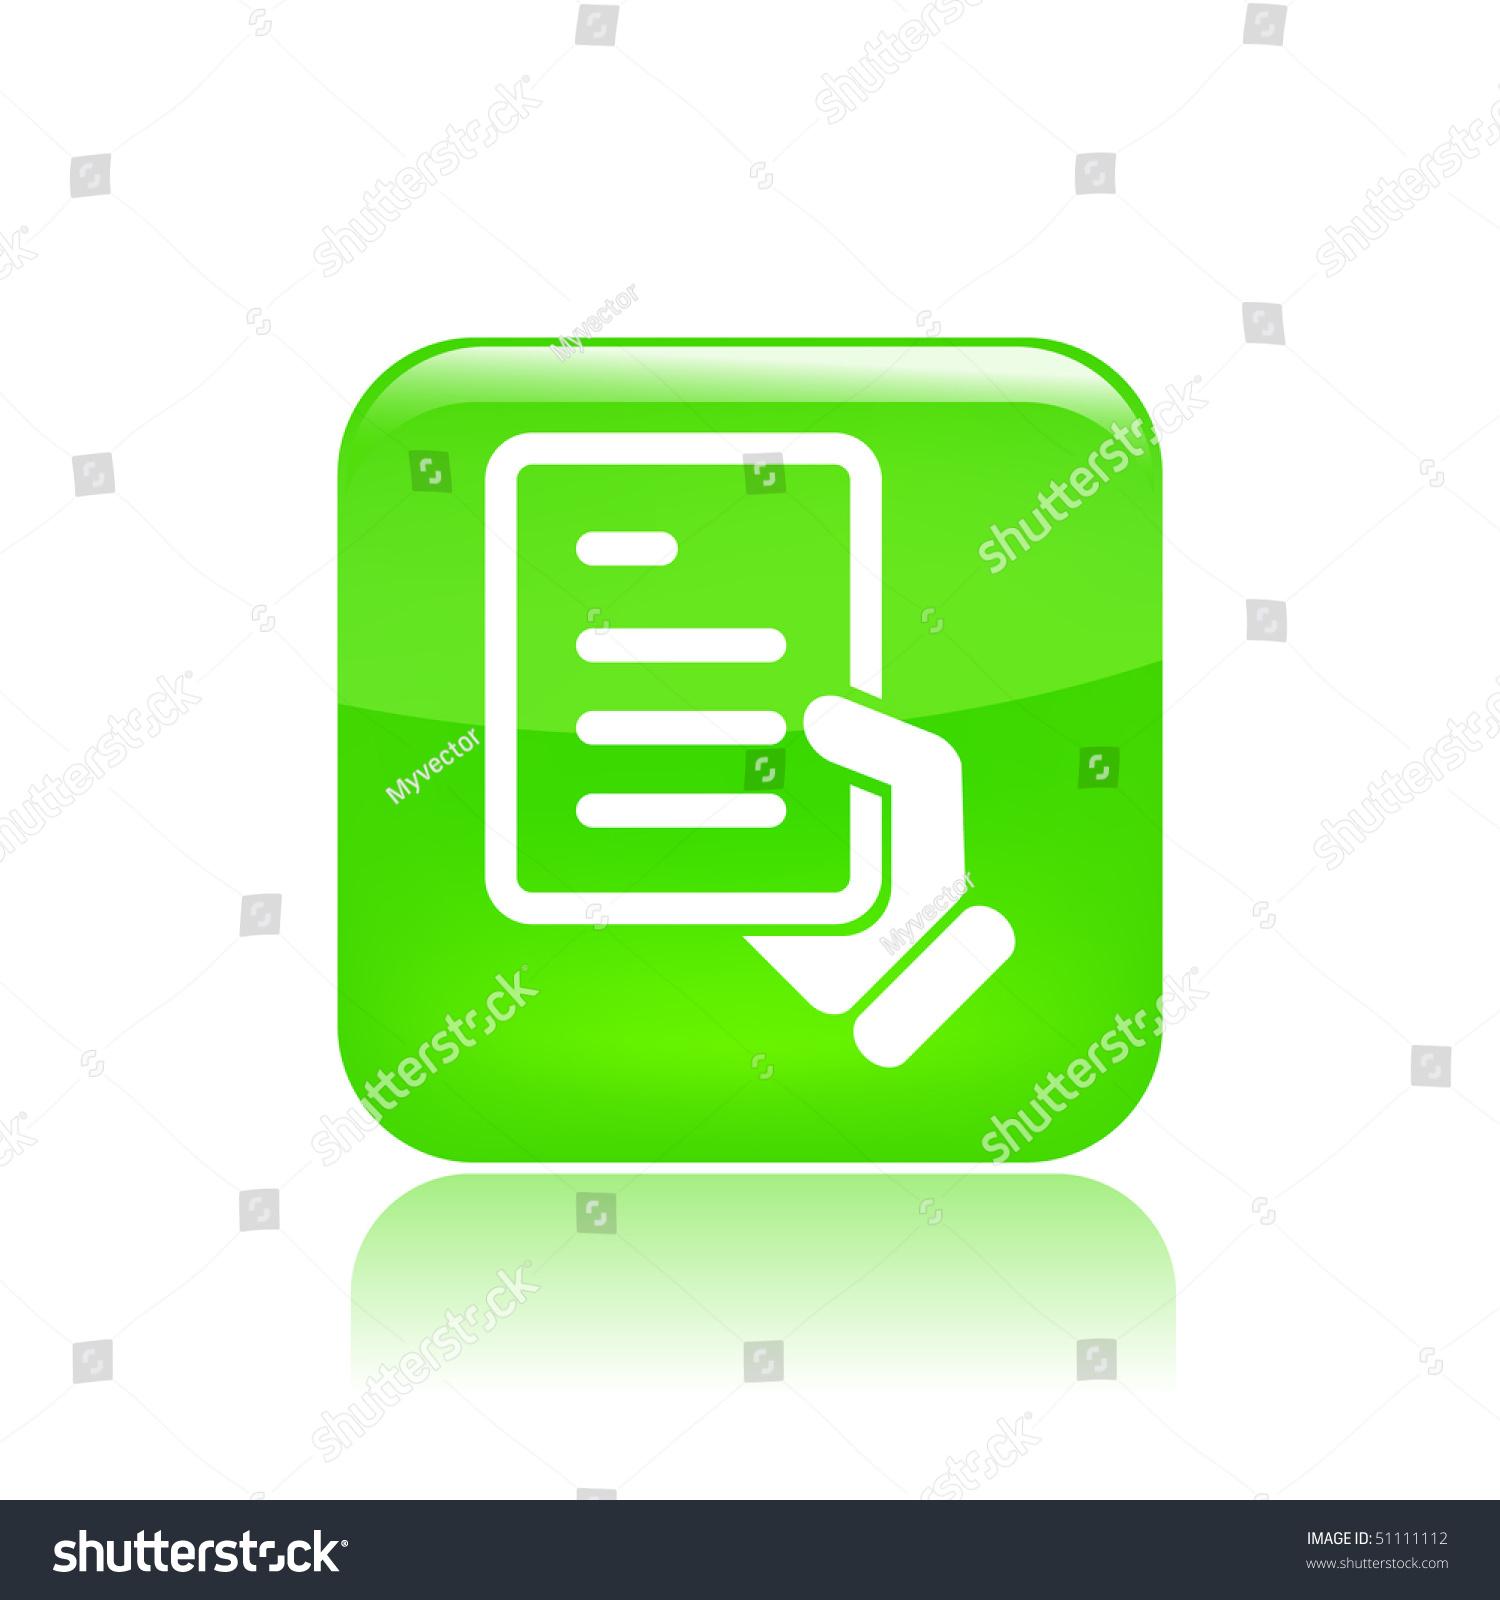 现代时尚绿色图标矢量插图描绘一个文档